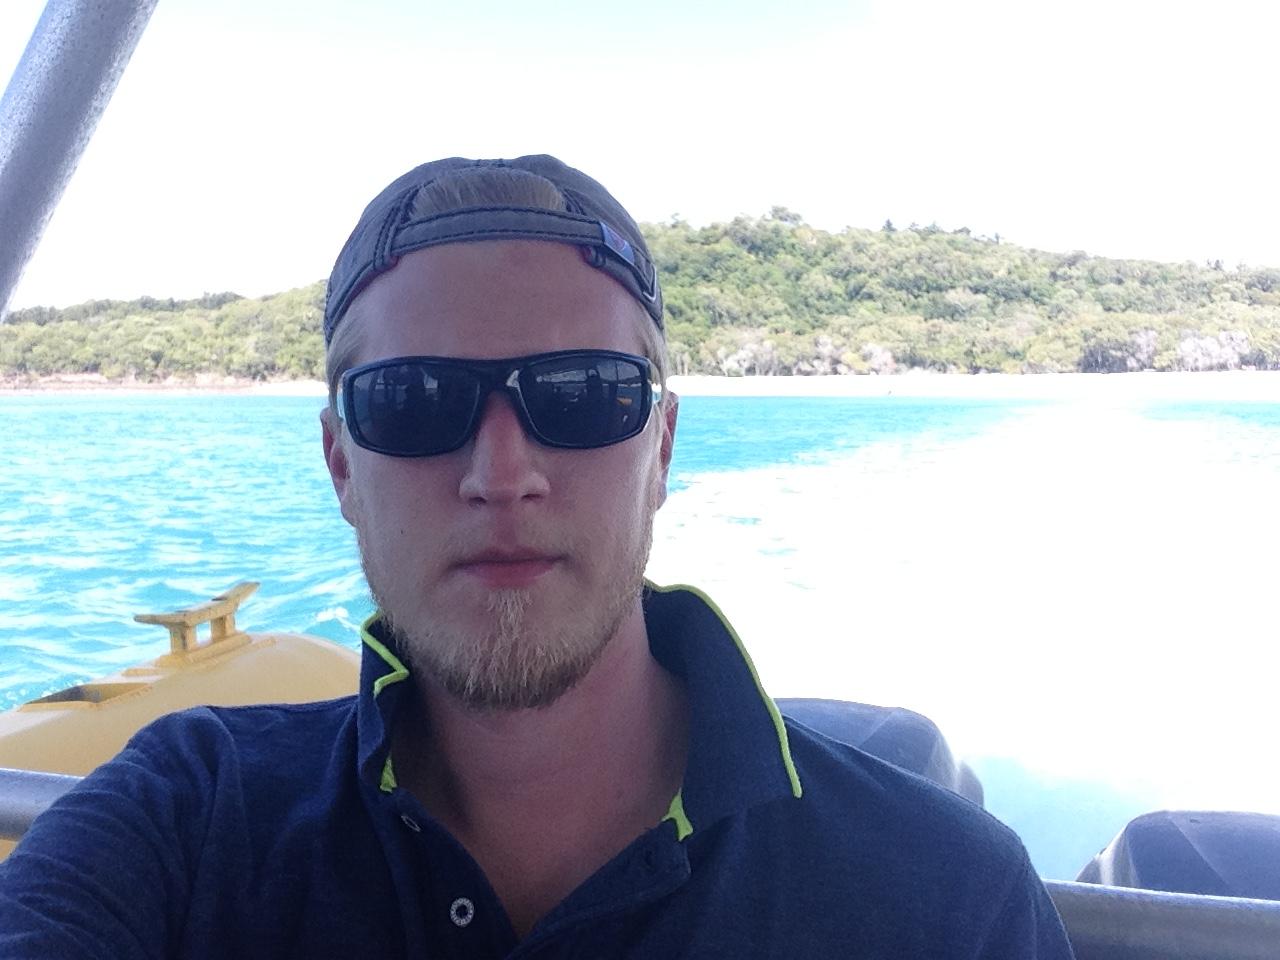 «Короче говоря, я свалил оттуда. Австралия — отстой». , Изгнанники солнца: о городке Кубер-Педи, где